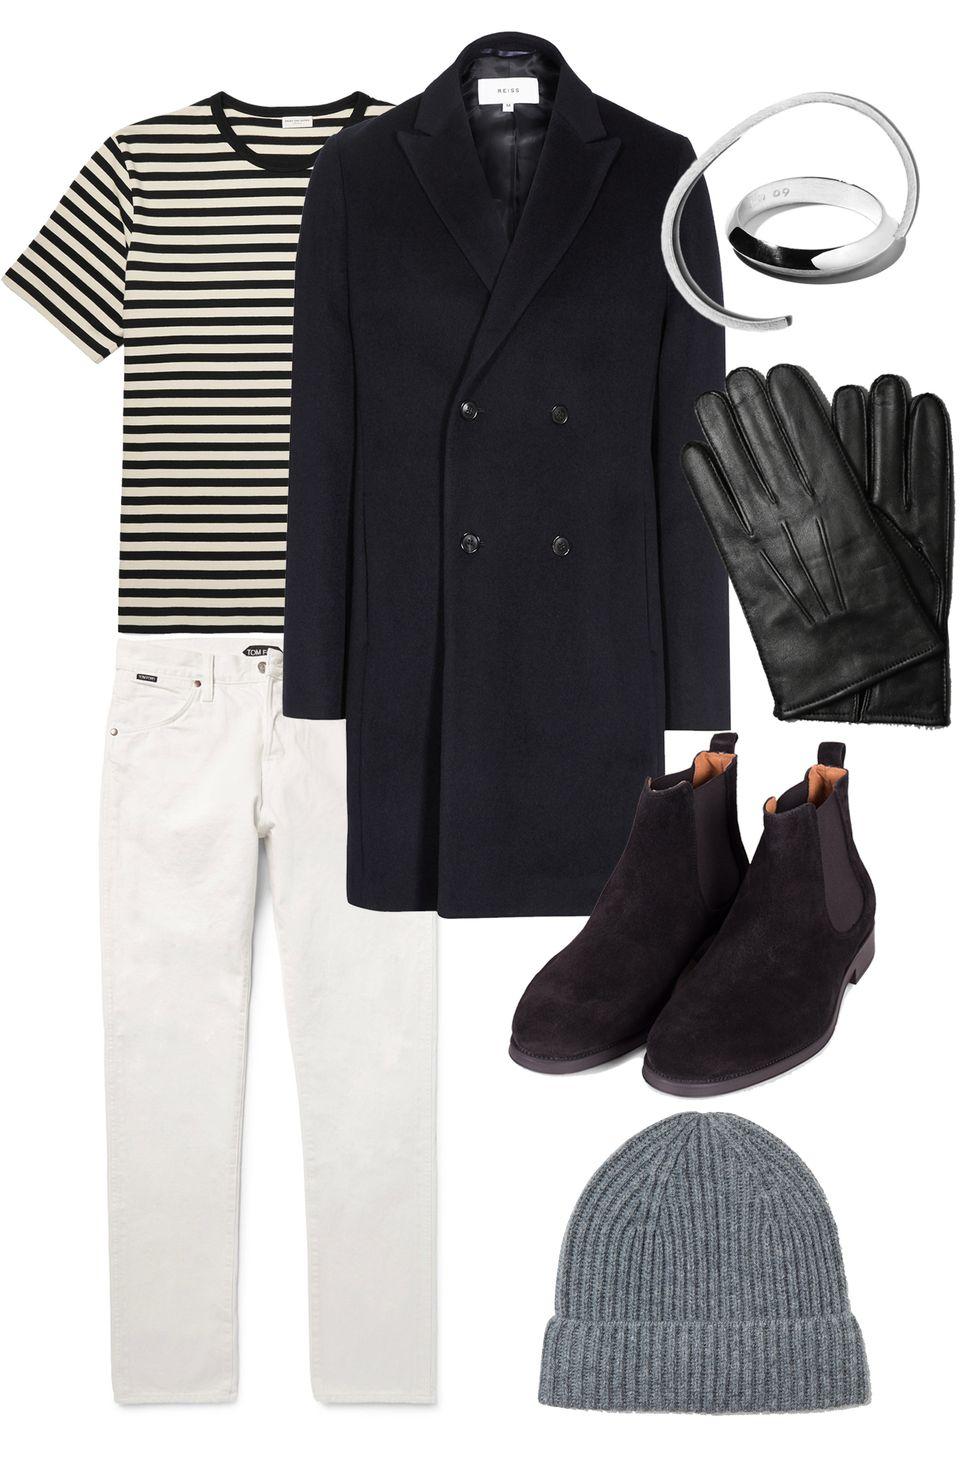 Veckans bästa köp – vita jeans.jpg